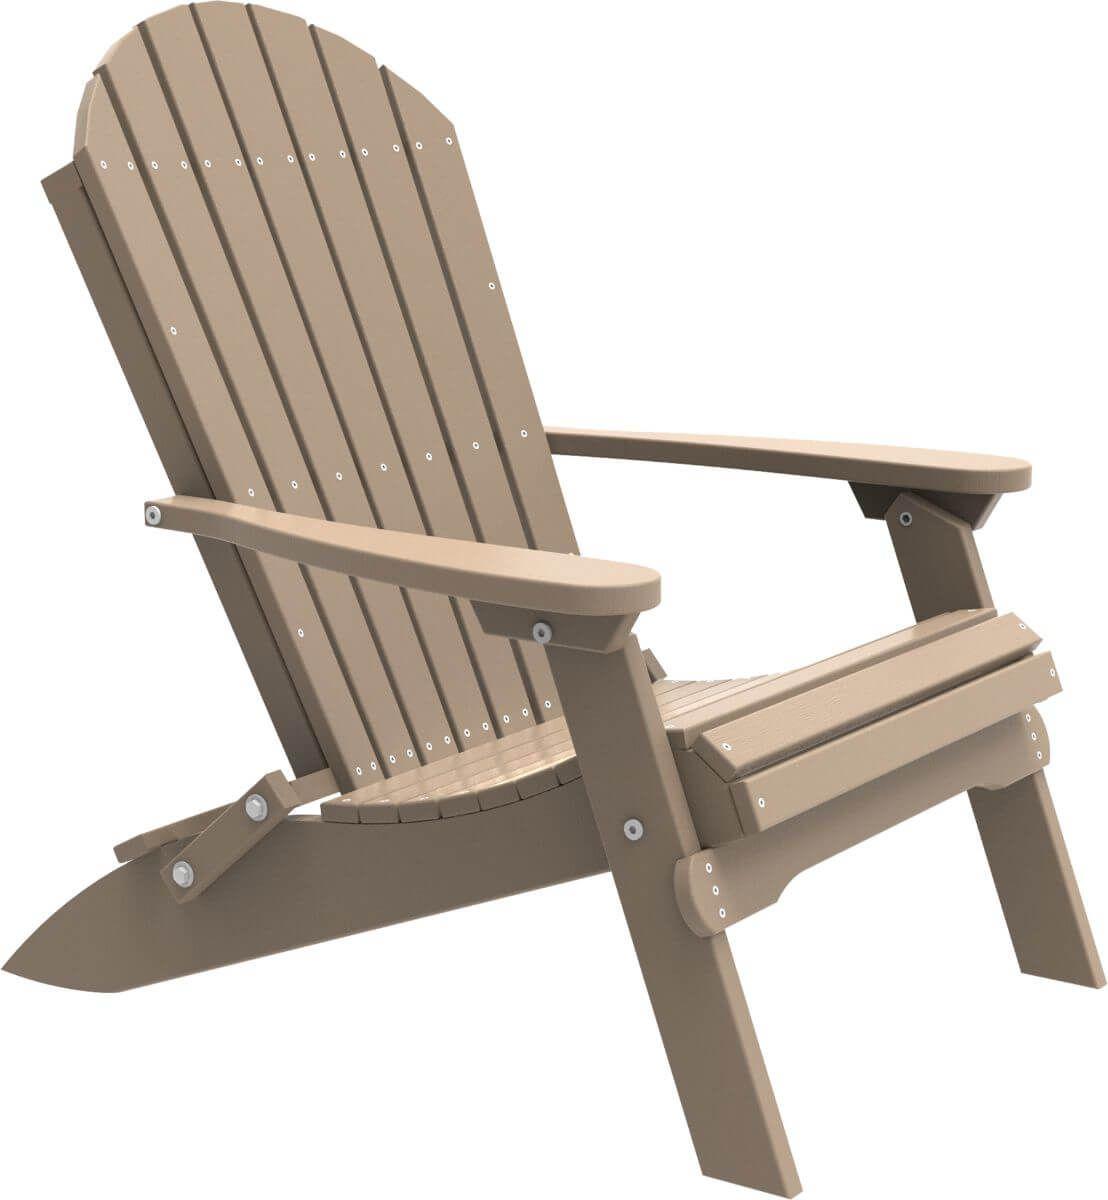 Weatherwood Tahiti Folding Adirondack Chair